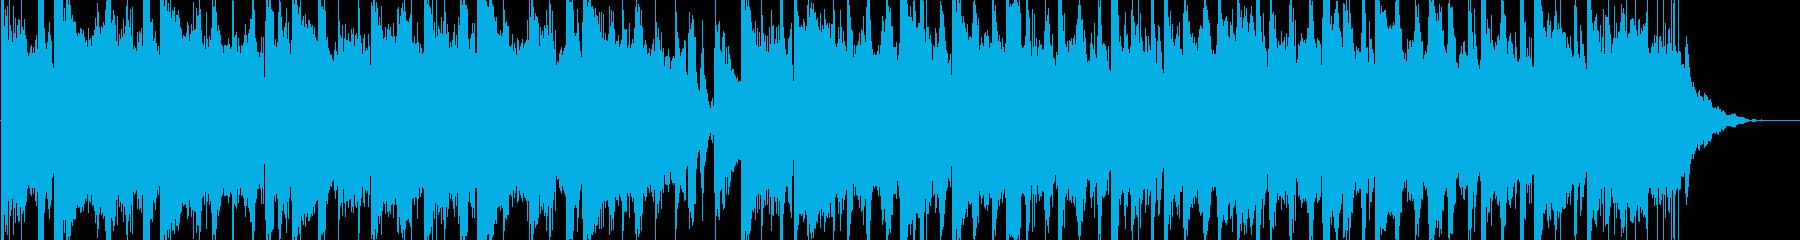 奇妙で少し不安感を煽るBGMの再生済みの波形